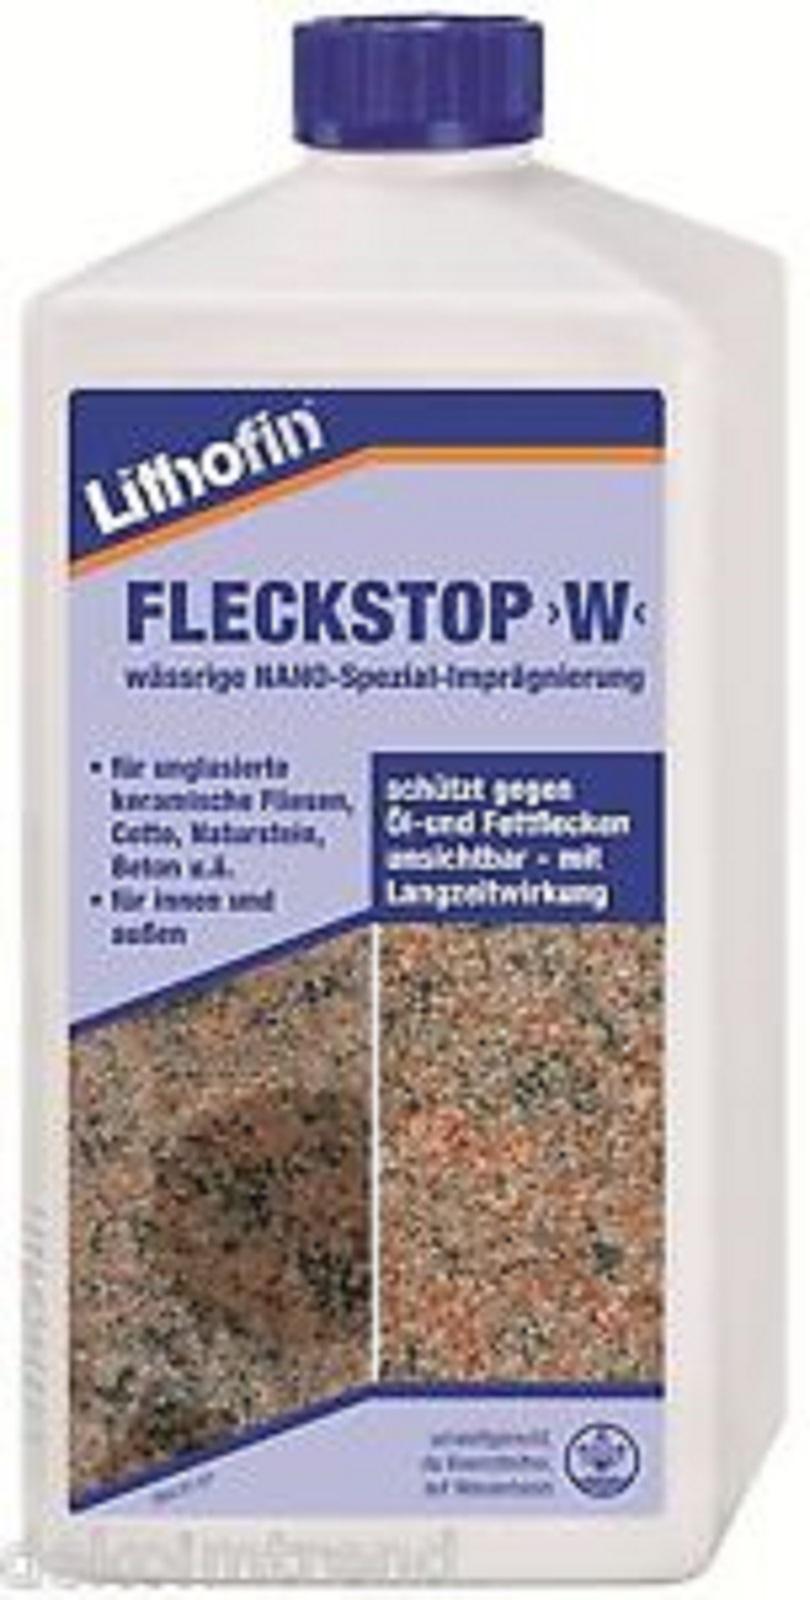 Lithofin Fleckstop W, Imprägnierung, Reiniger, Putzmittel